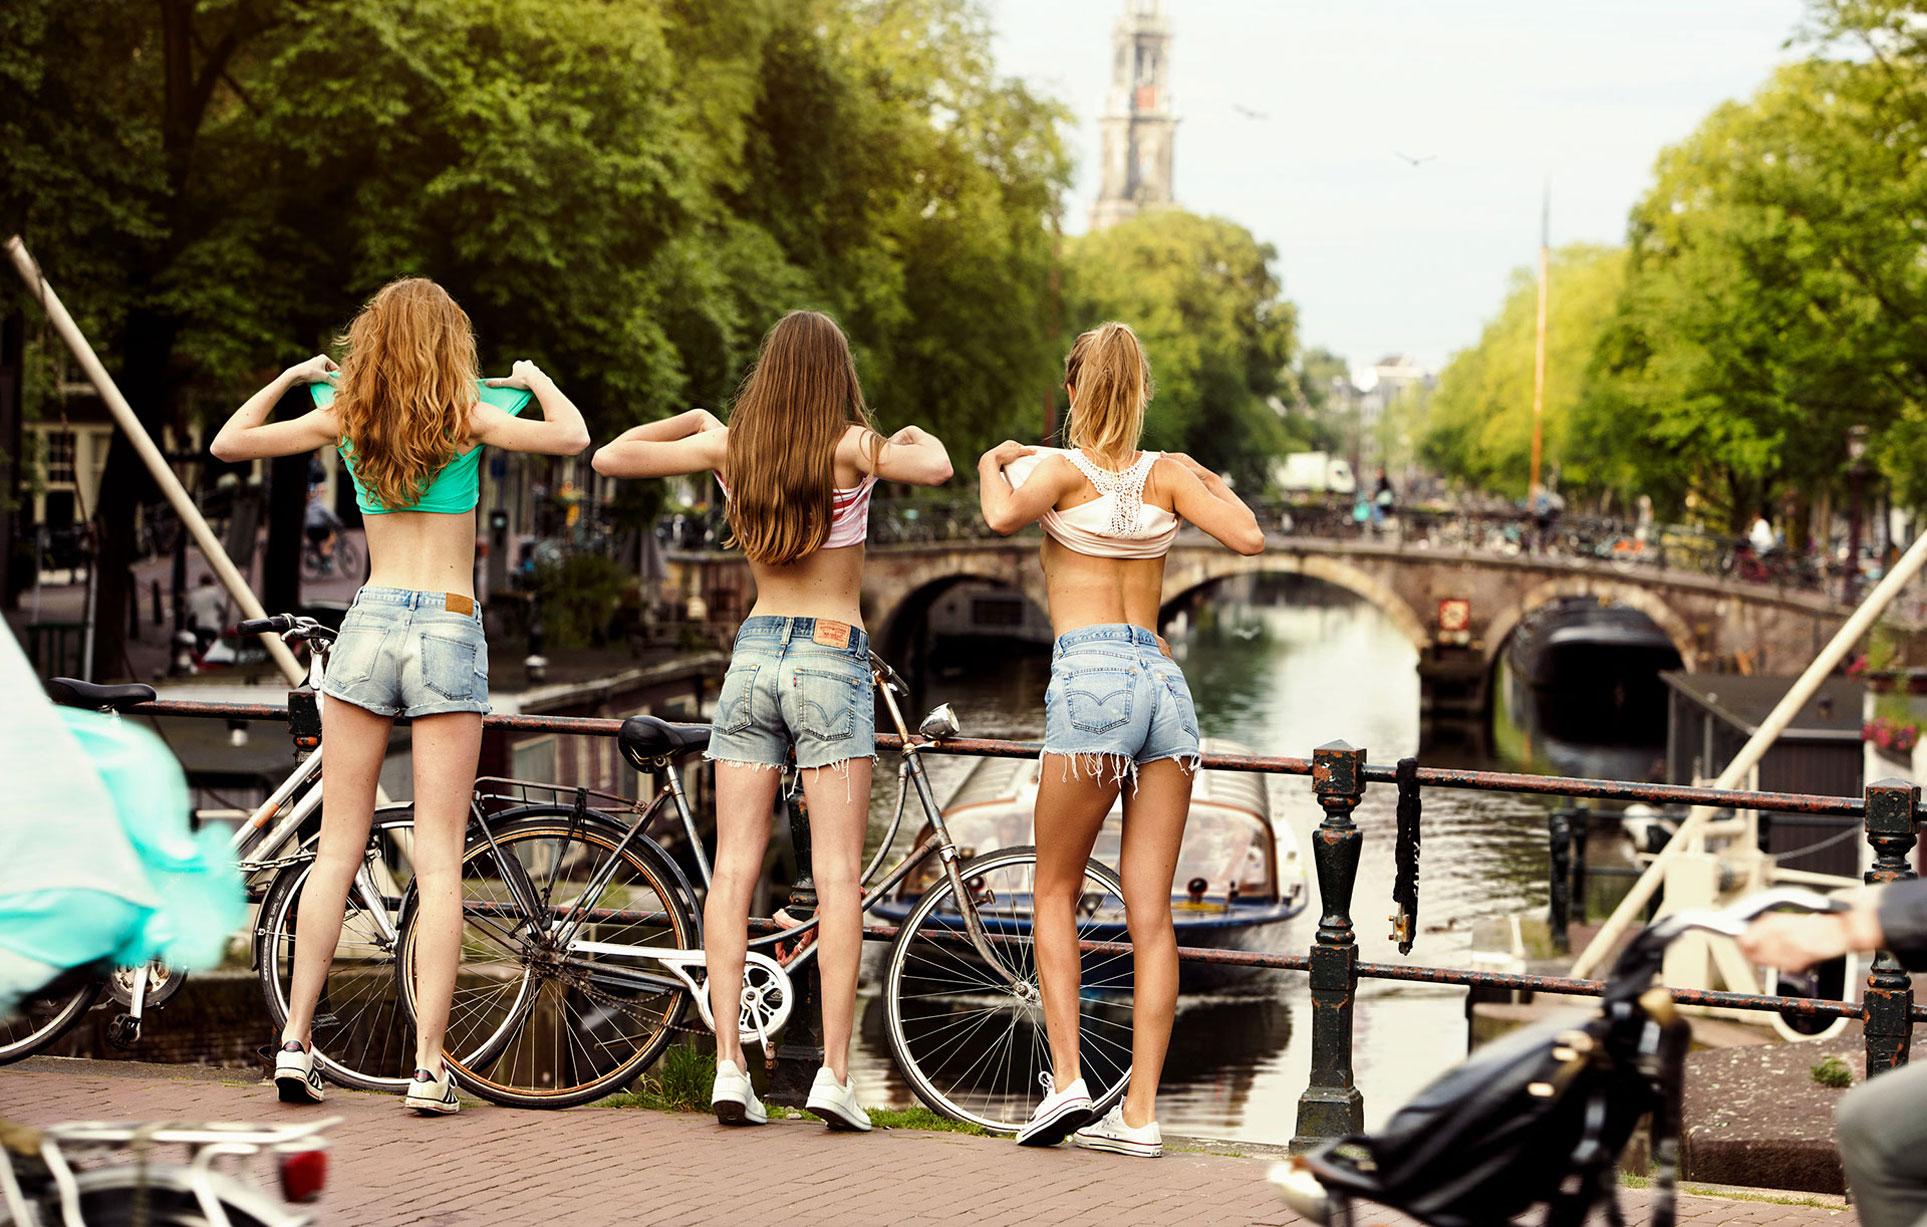 Девушки на улицах и каналах Амстердама / Amsterdam Girls by Jaap Vliegenthart